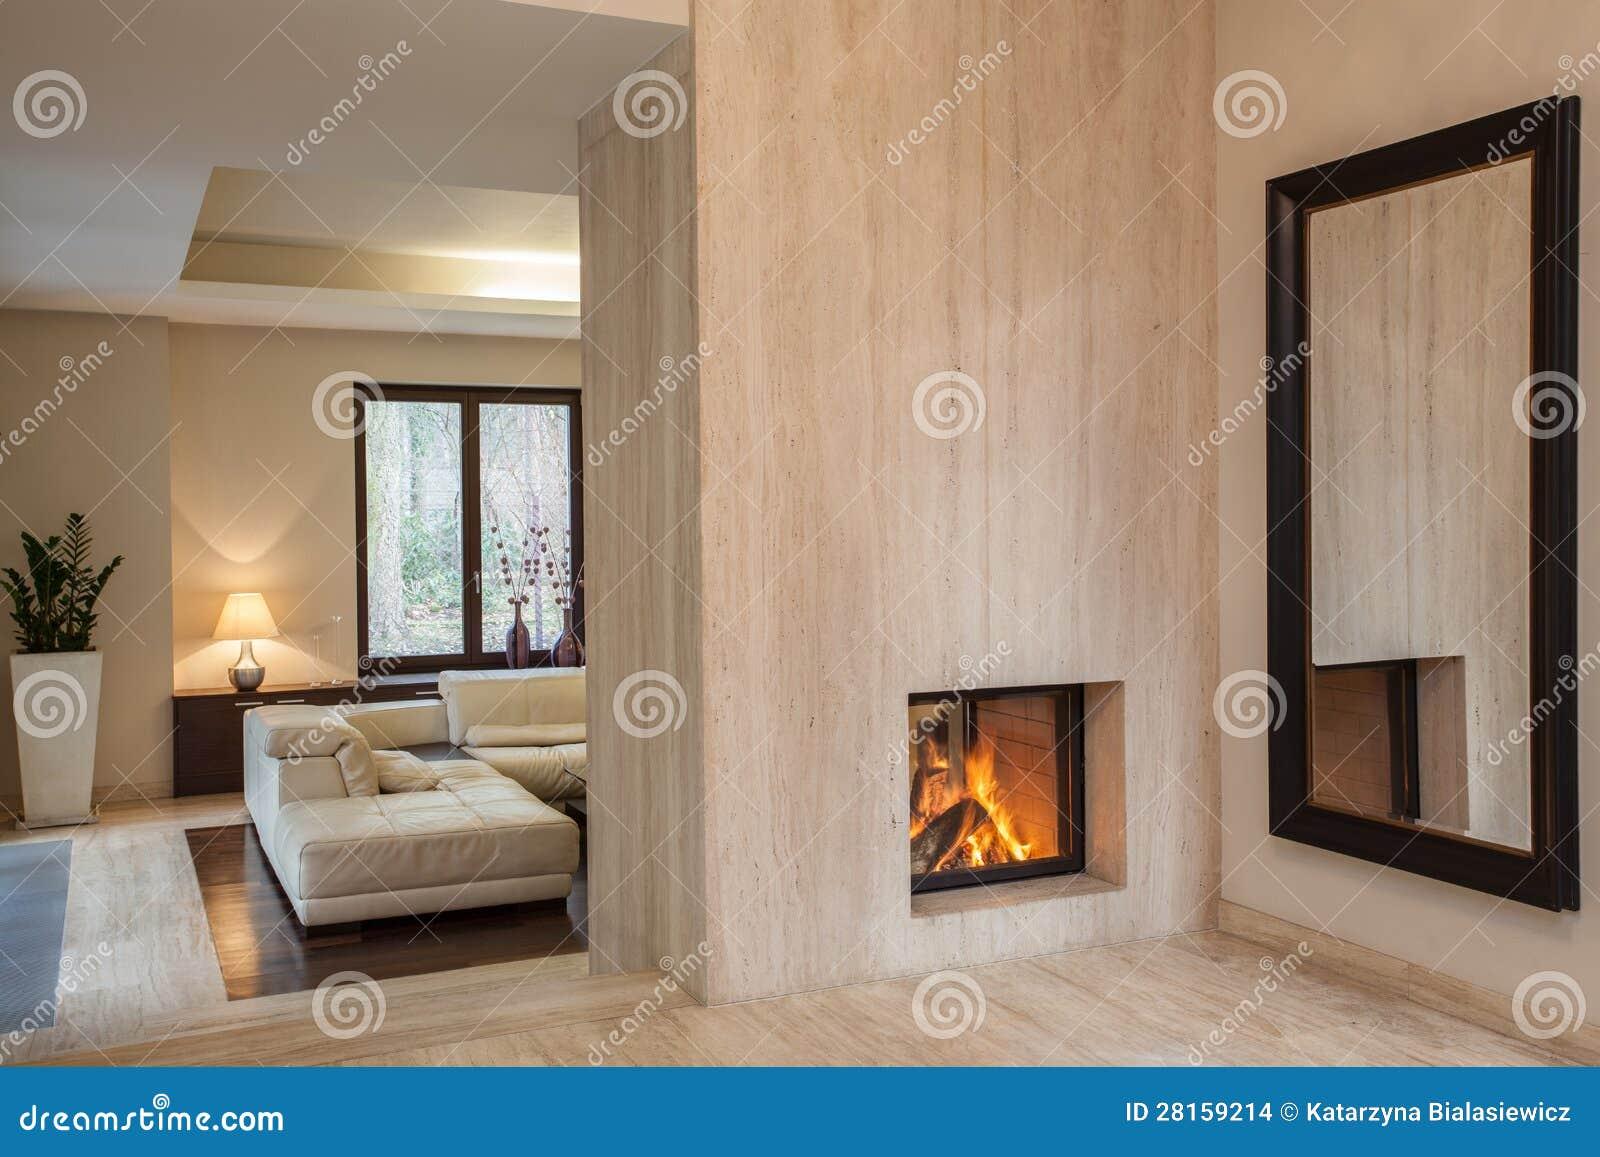 Trawertynu dom: korytarz